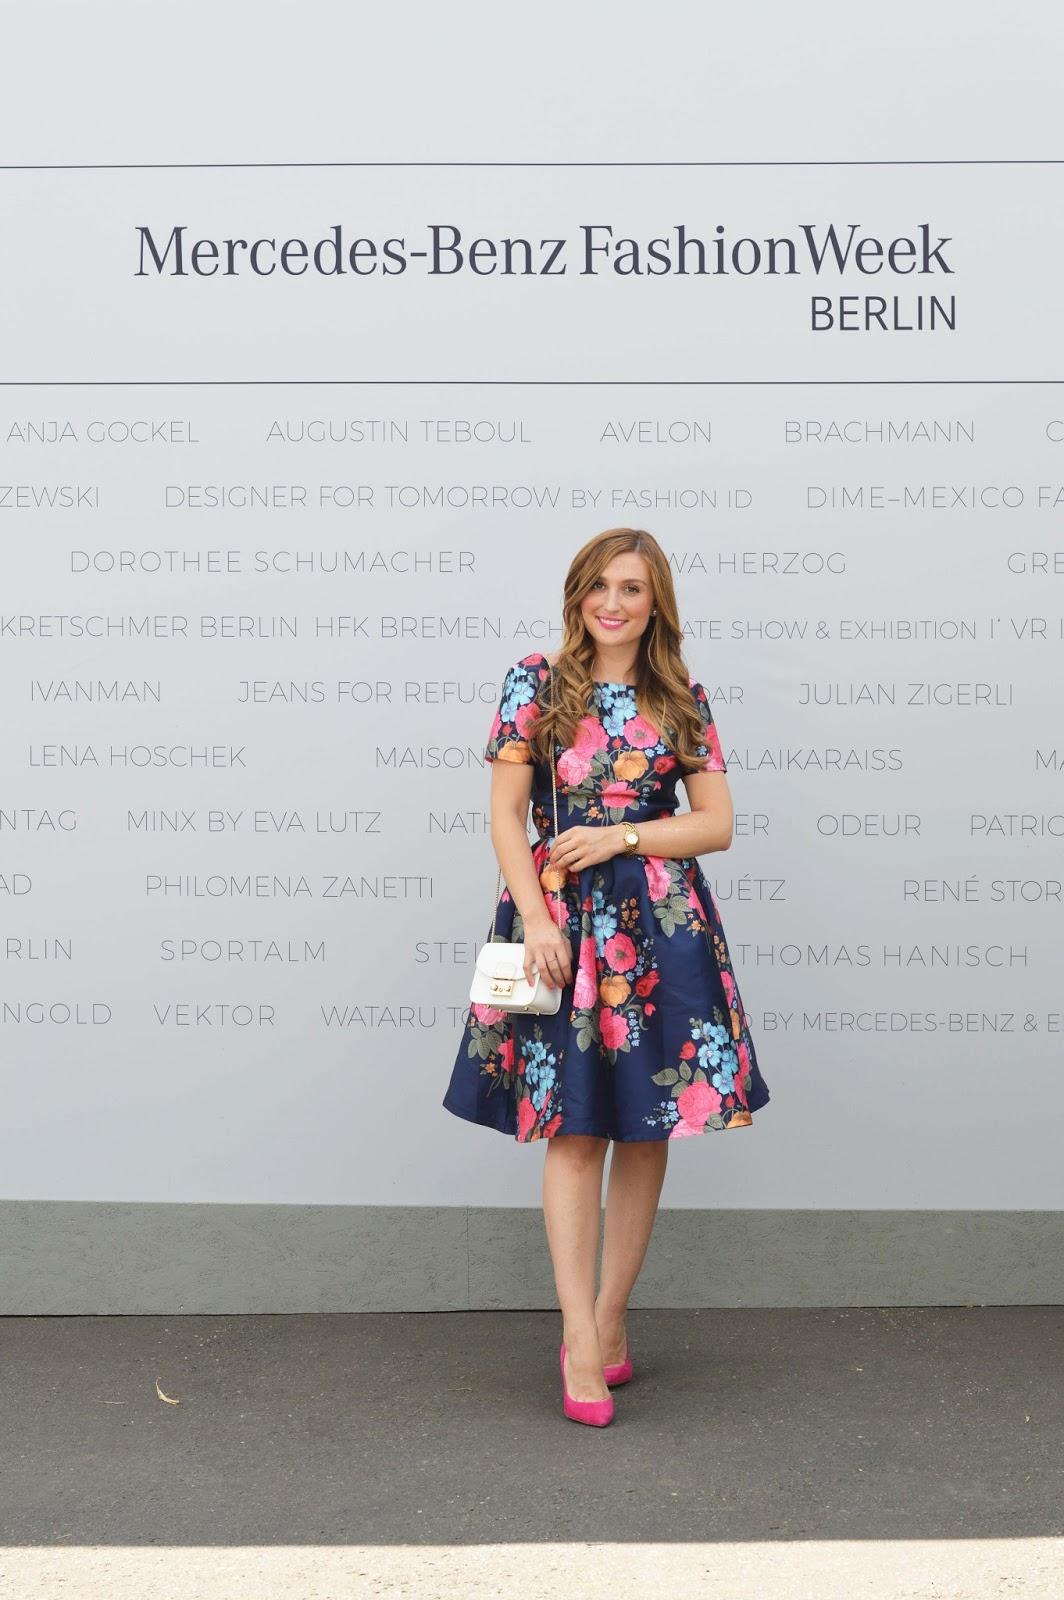 Chi Chi London Kleid - Kleider Von Chi Chi London - Fashionstylebyjohanna im Kleid von Chi chi London - Fashionblogger im Blumenkleid - Blumenkleider Blogger- fashionstylebyjohanna Blogger aus Frankfurt